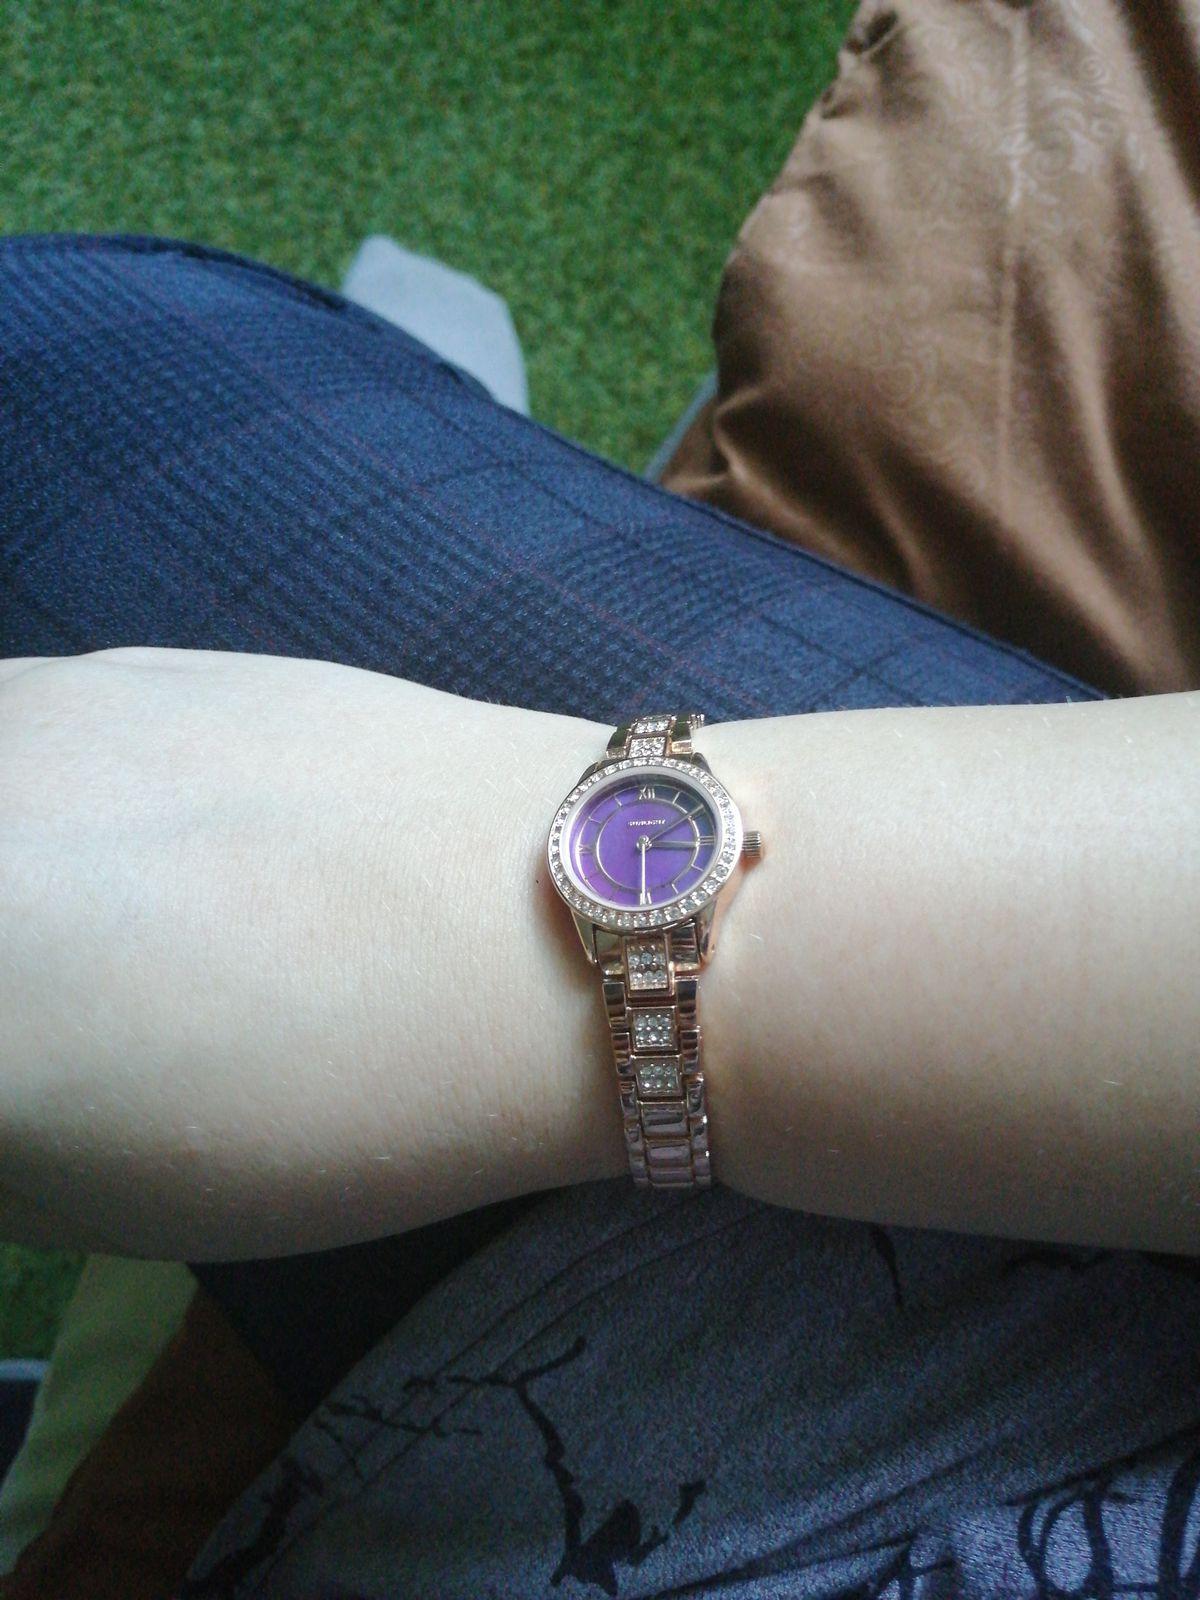 Сделала подарок себе замечательные часы